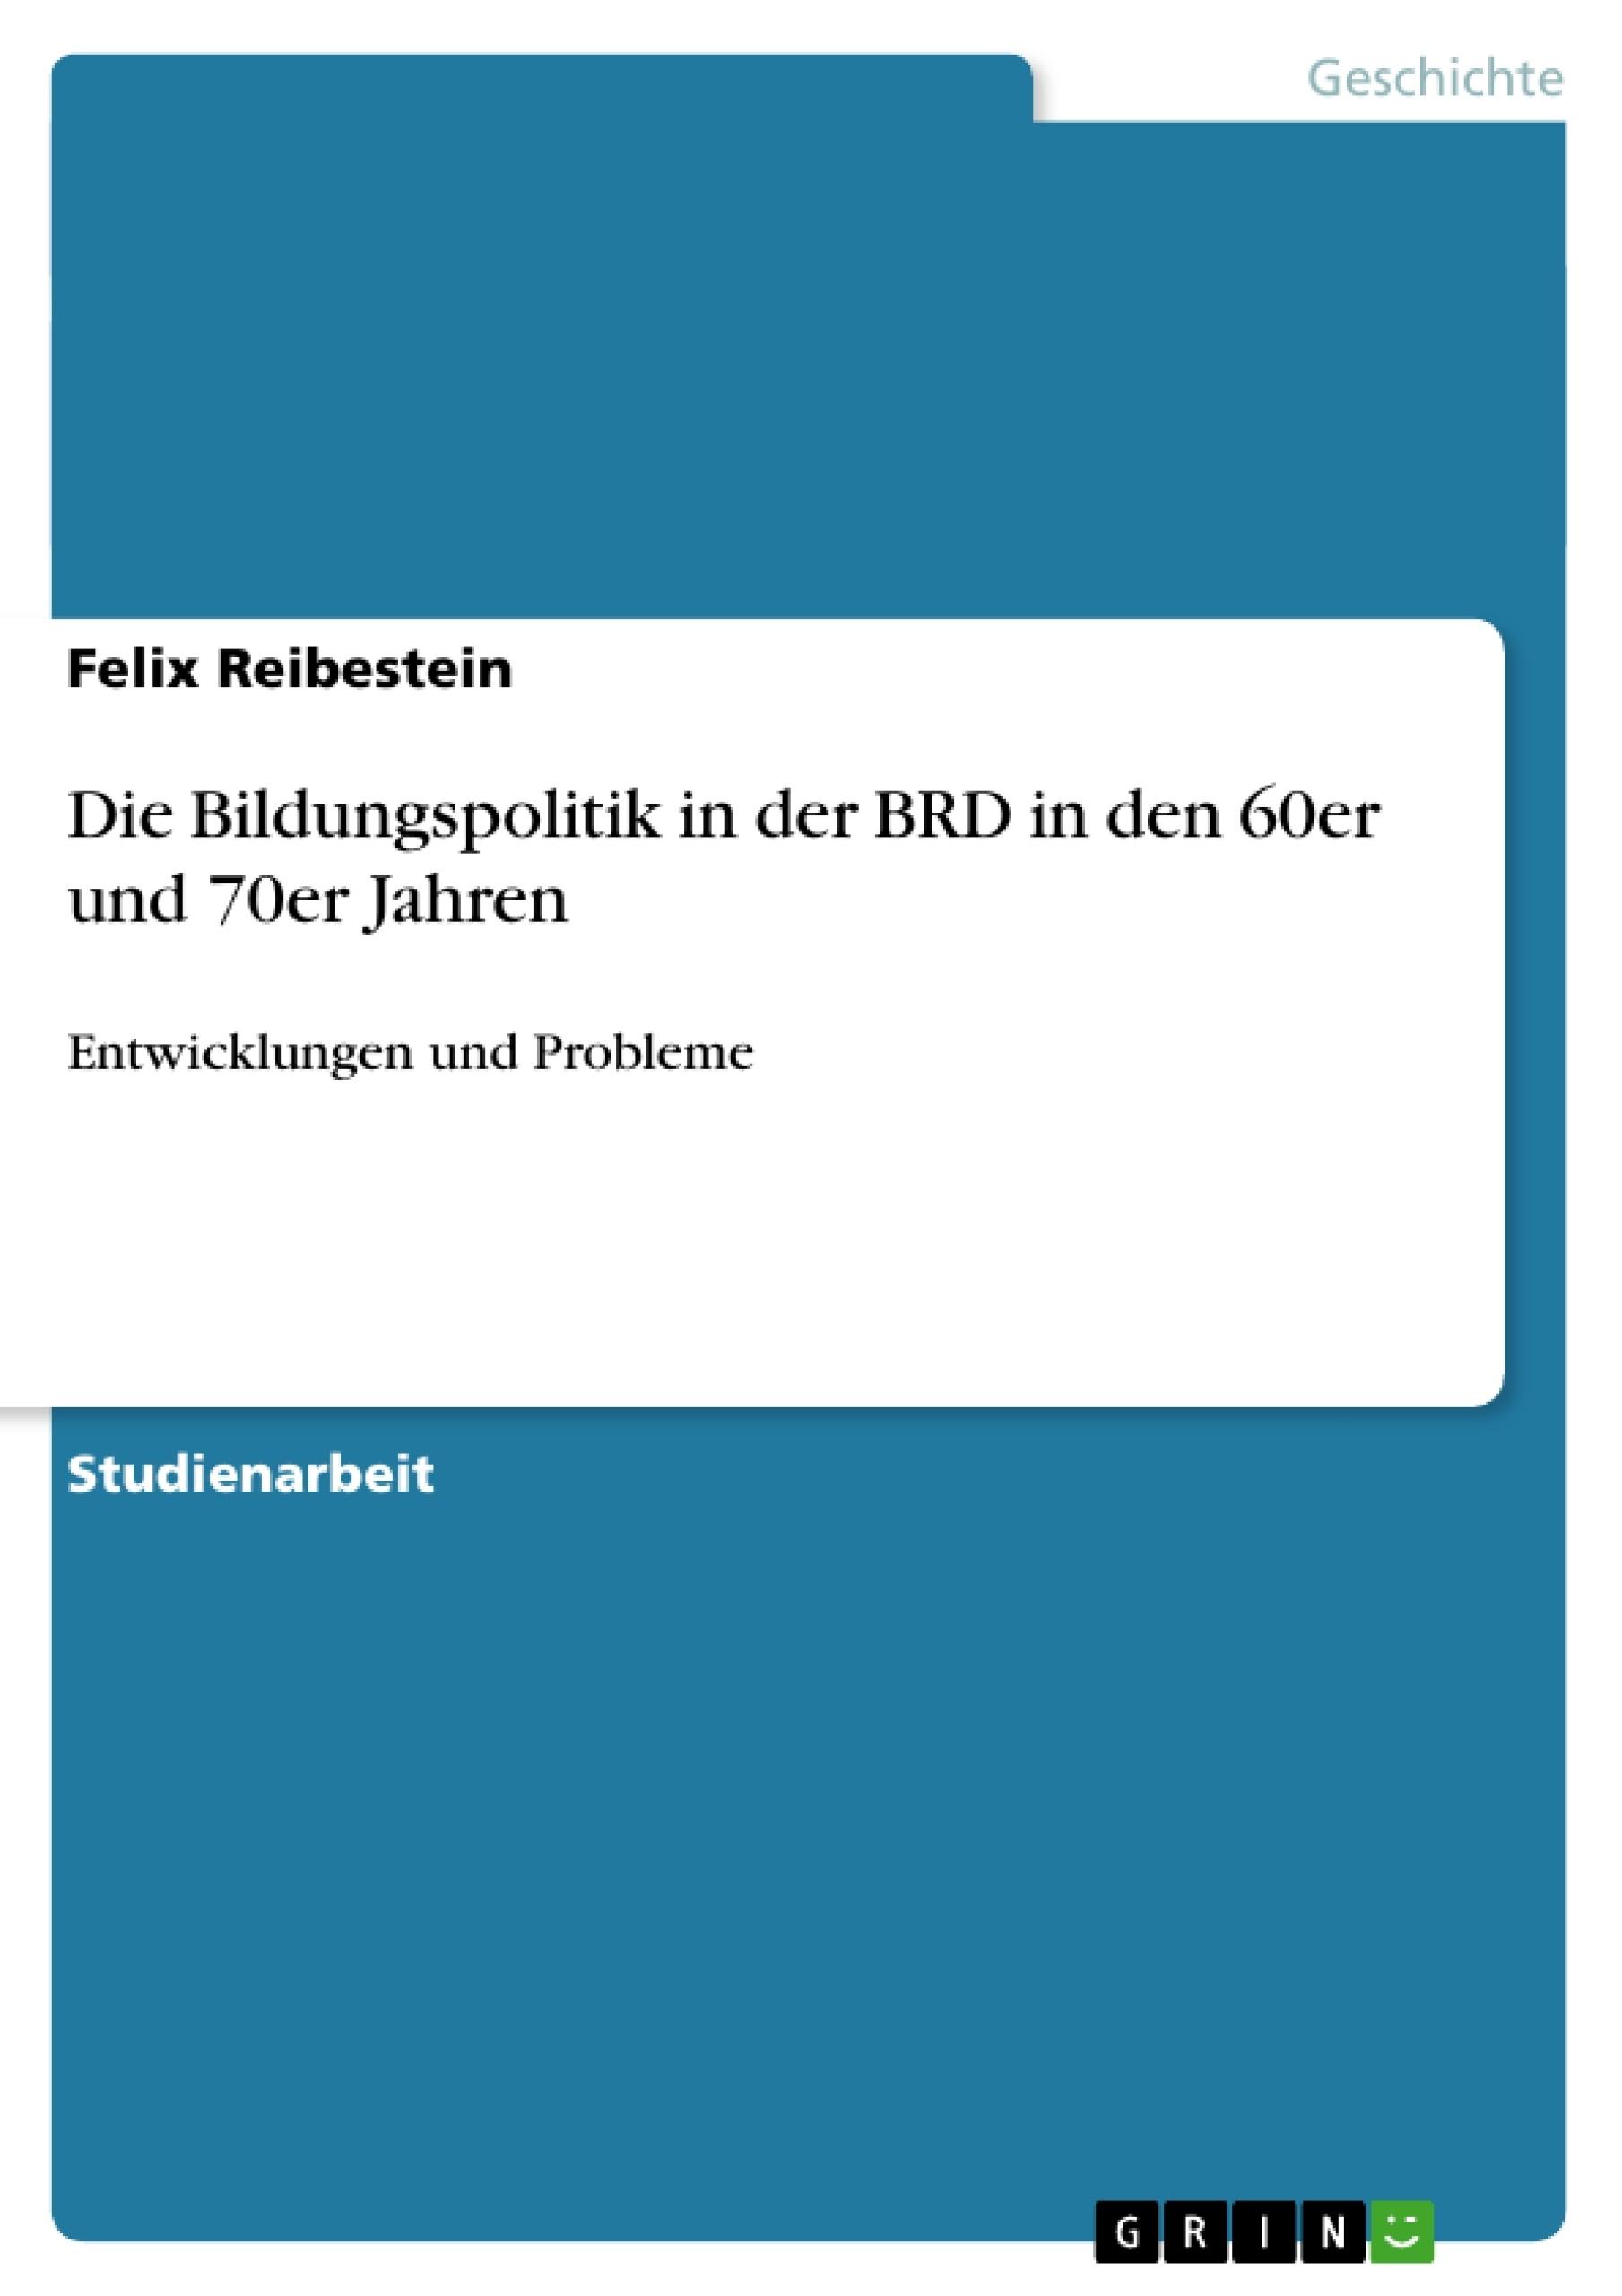 Titel: Die Bildungspolitik in der BRD in den 60er und 70er Jahren